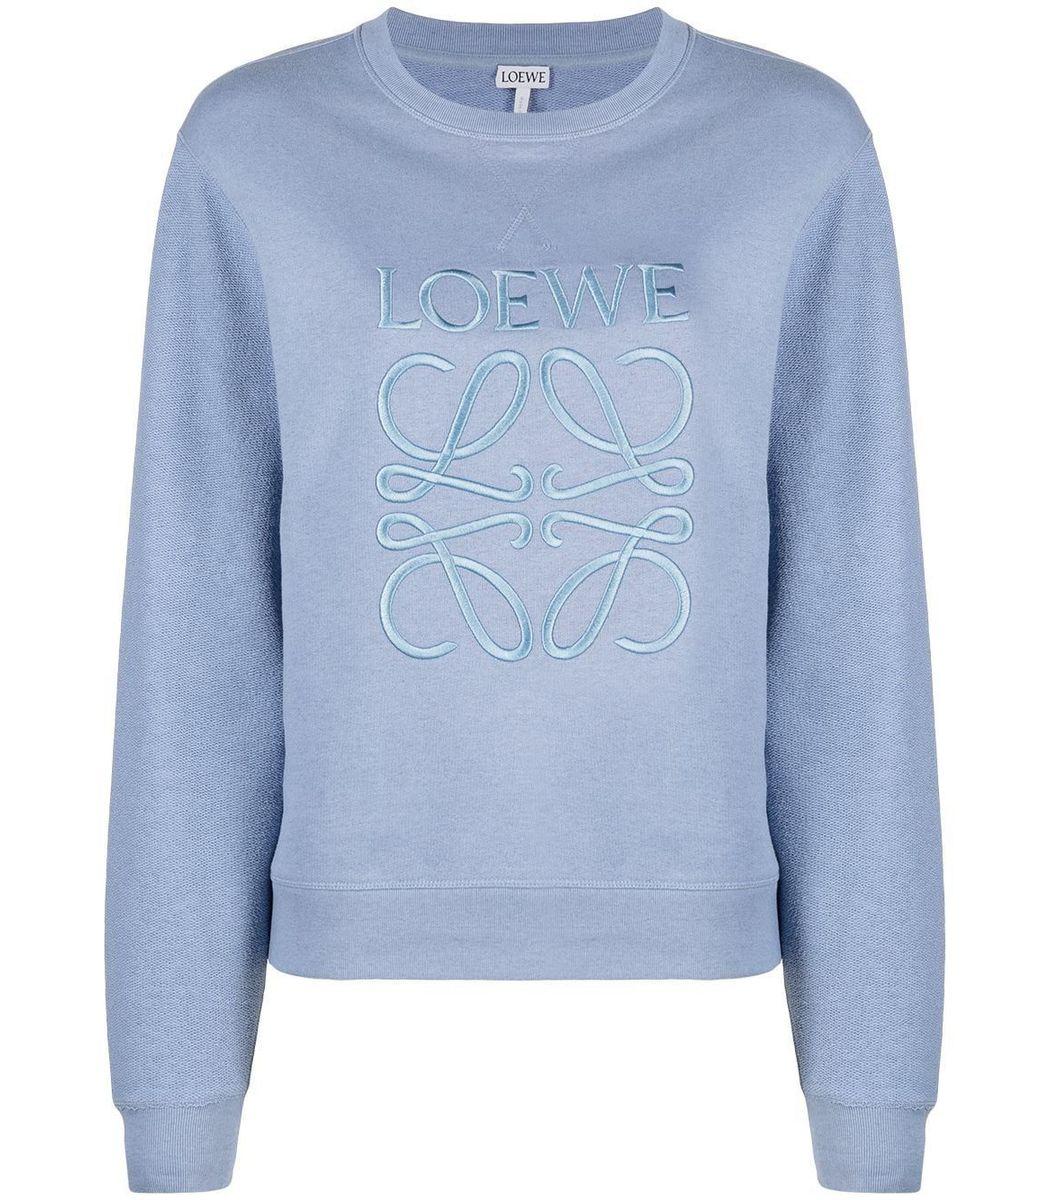 Loewe Dusty Blue Anagram Pullover Sweatshirt